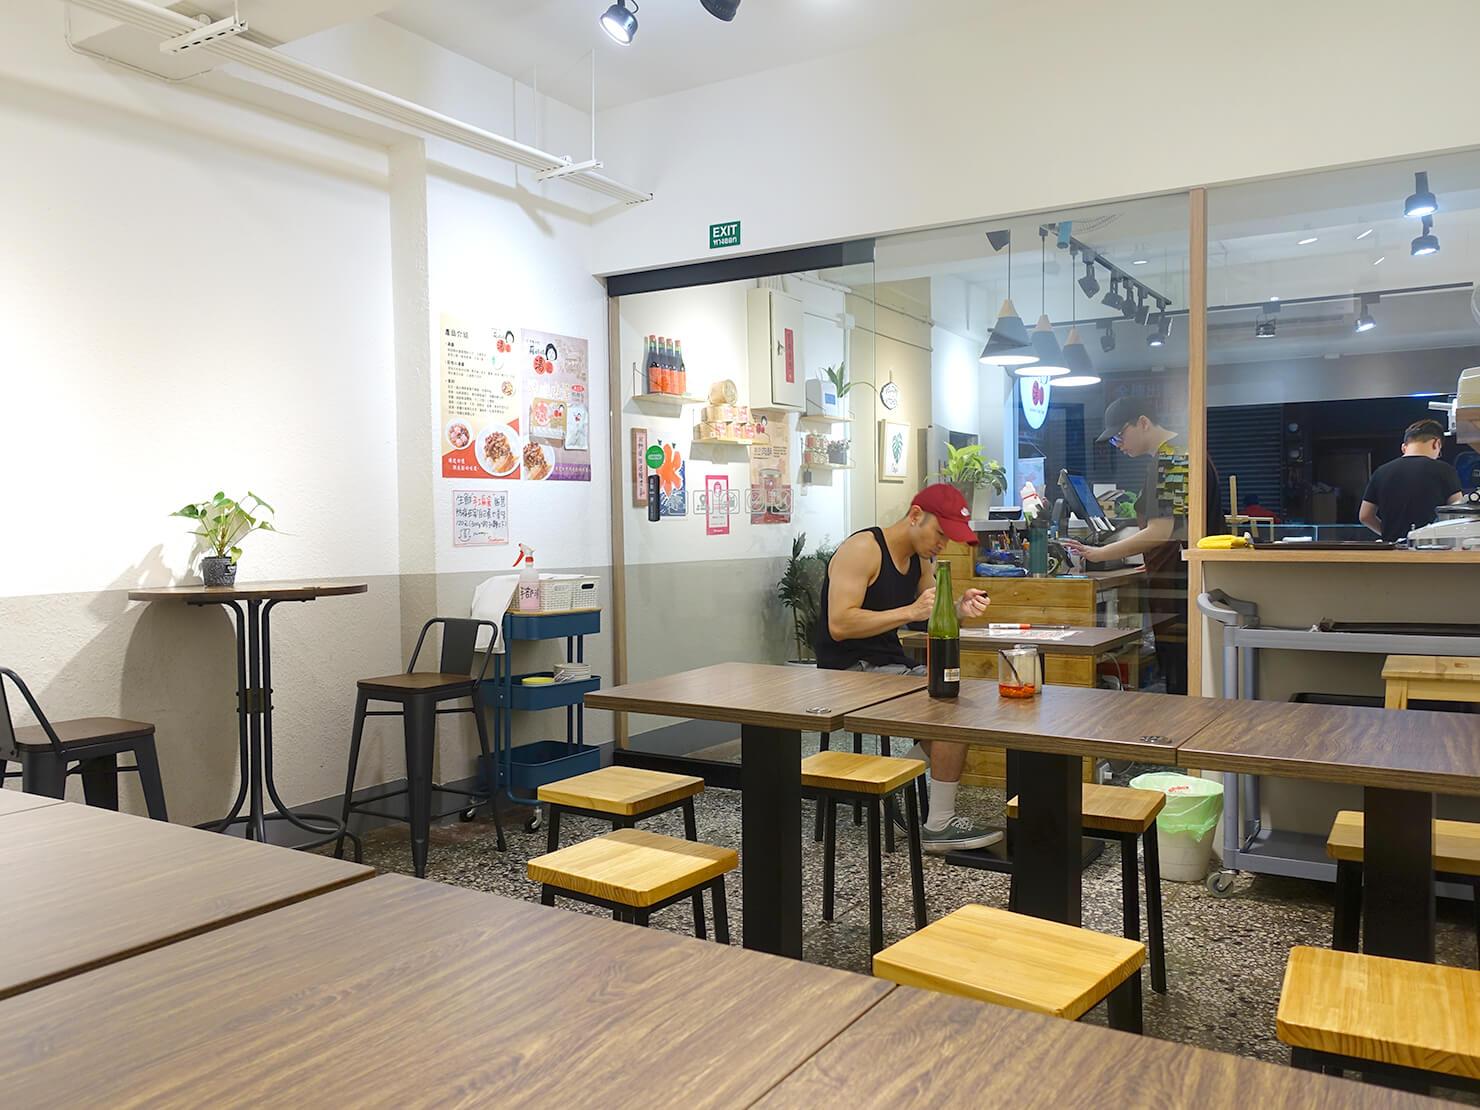 台北・臨江街夜市のおすすめグルメ店「蘇媽媽湯圓」の店内